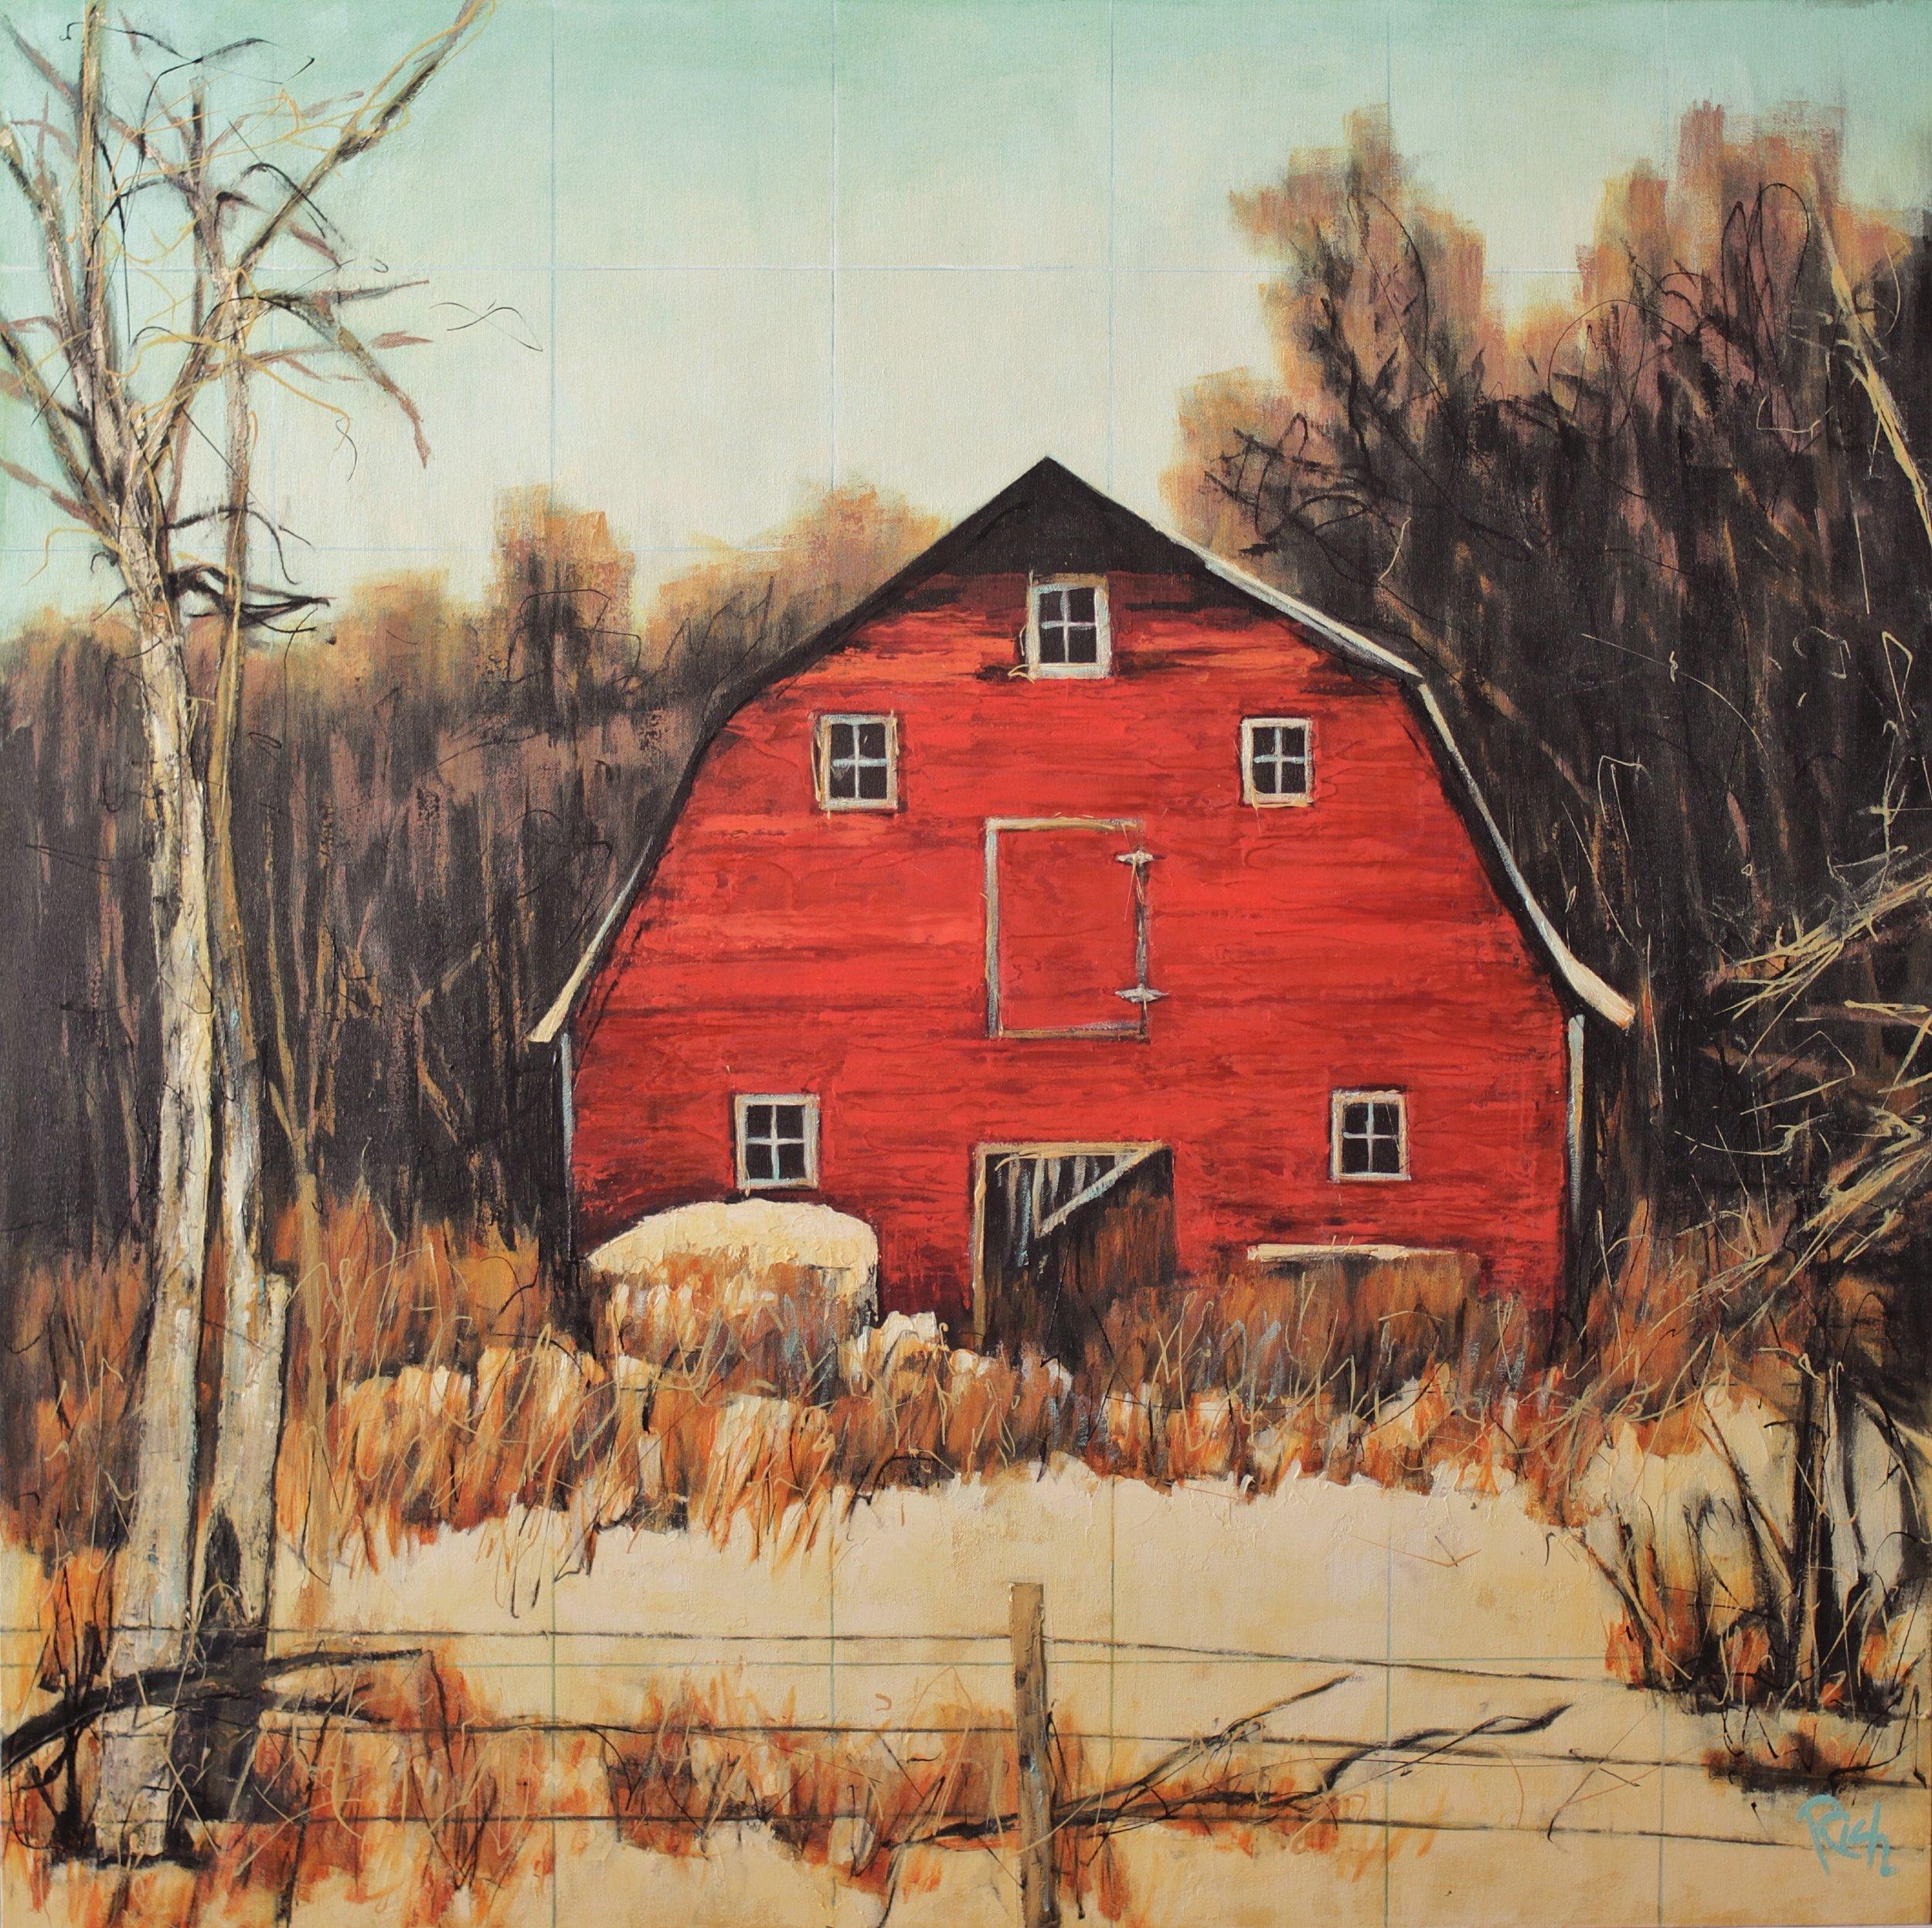 Barn and Fence  Acrylic on canvas 36x36